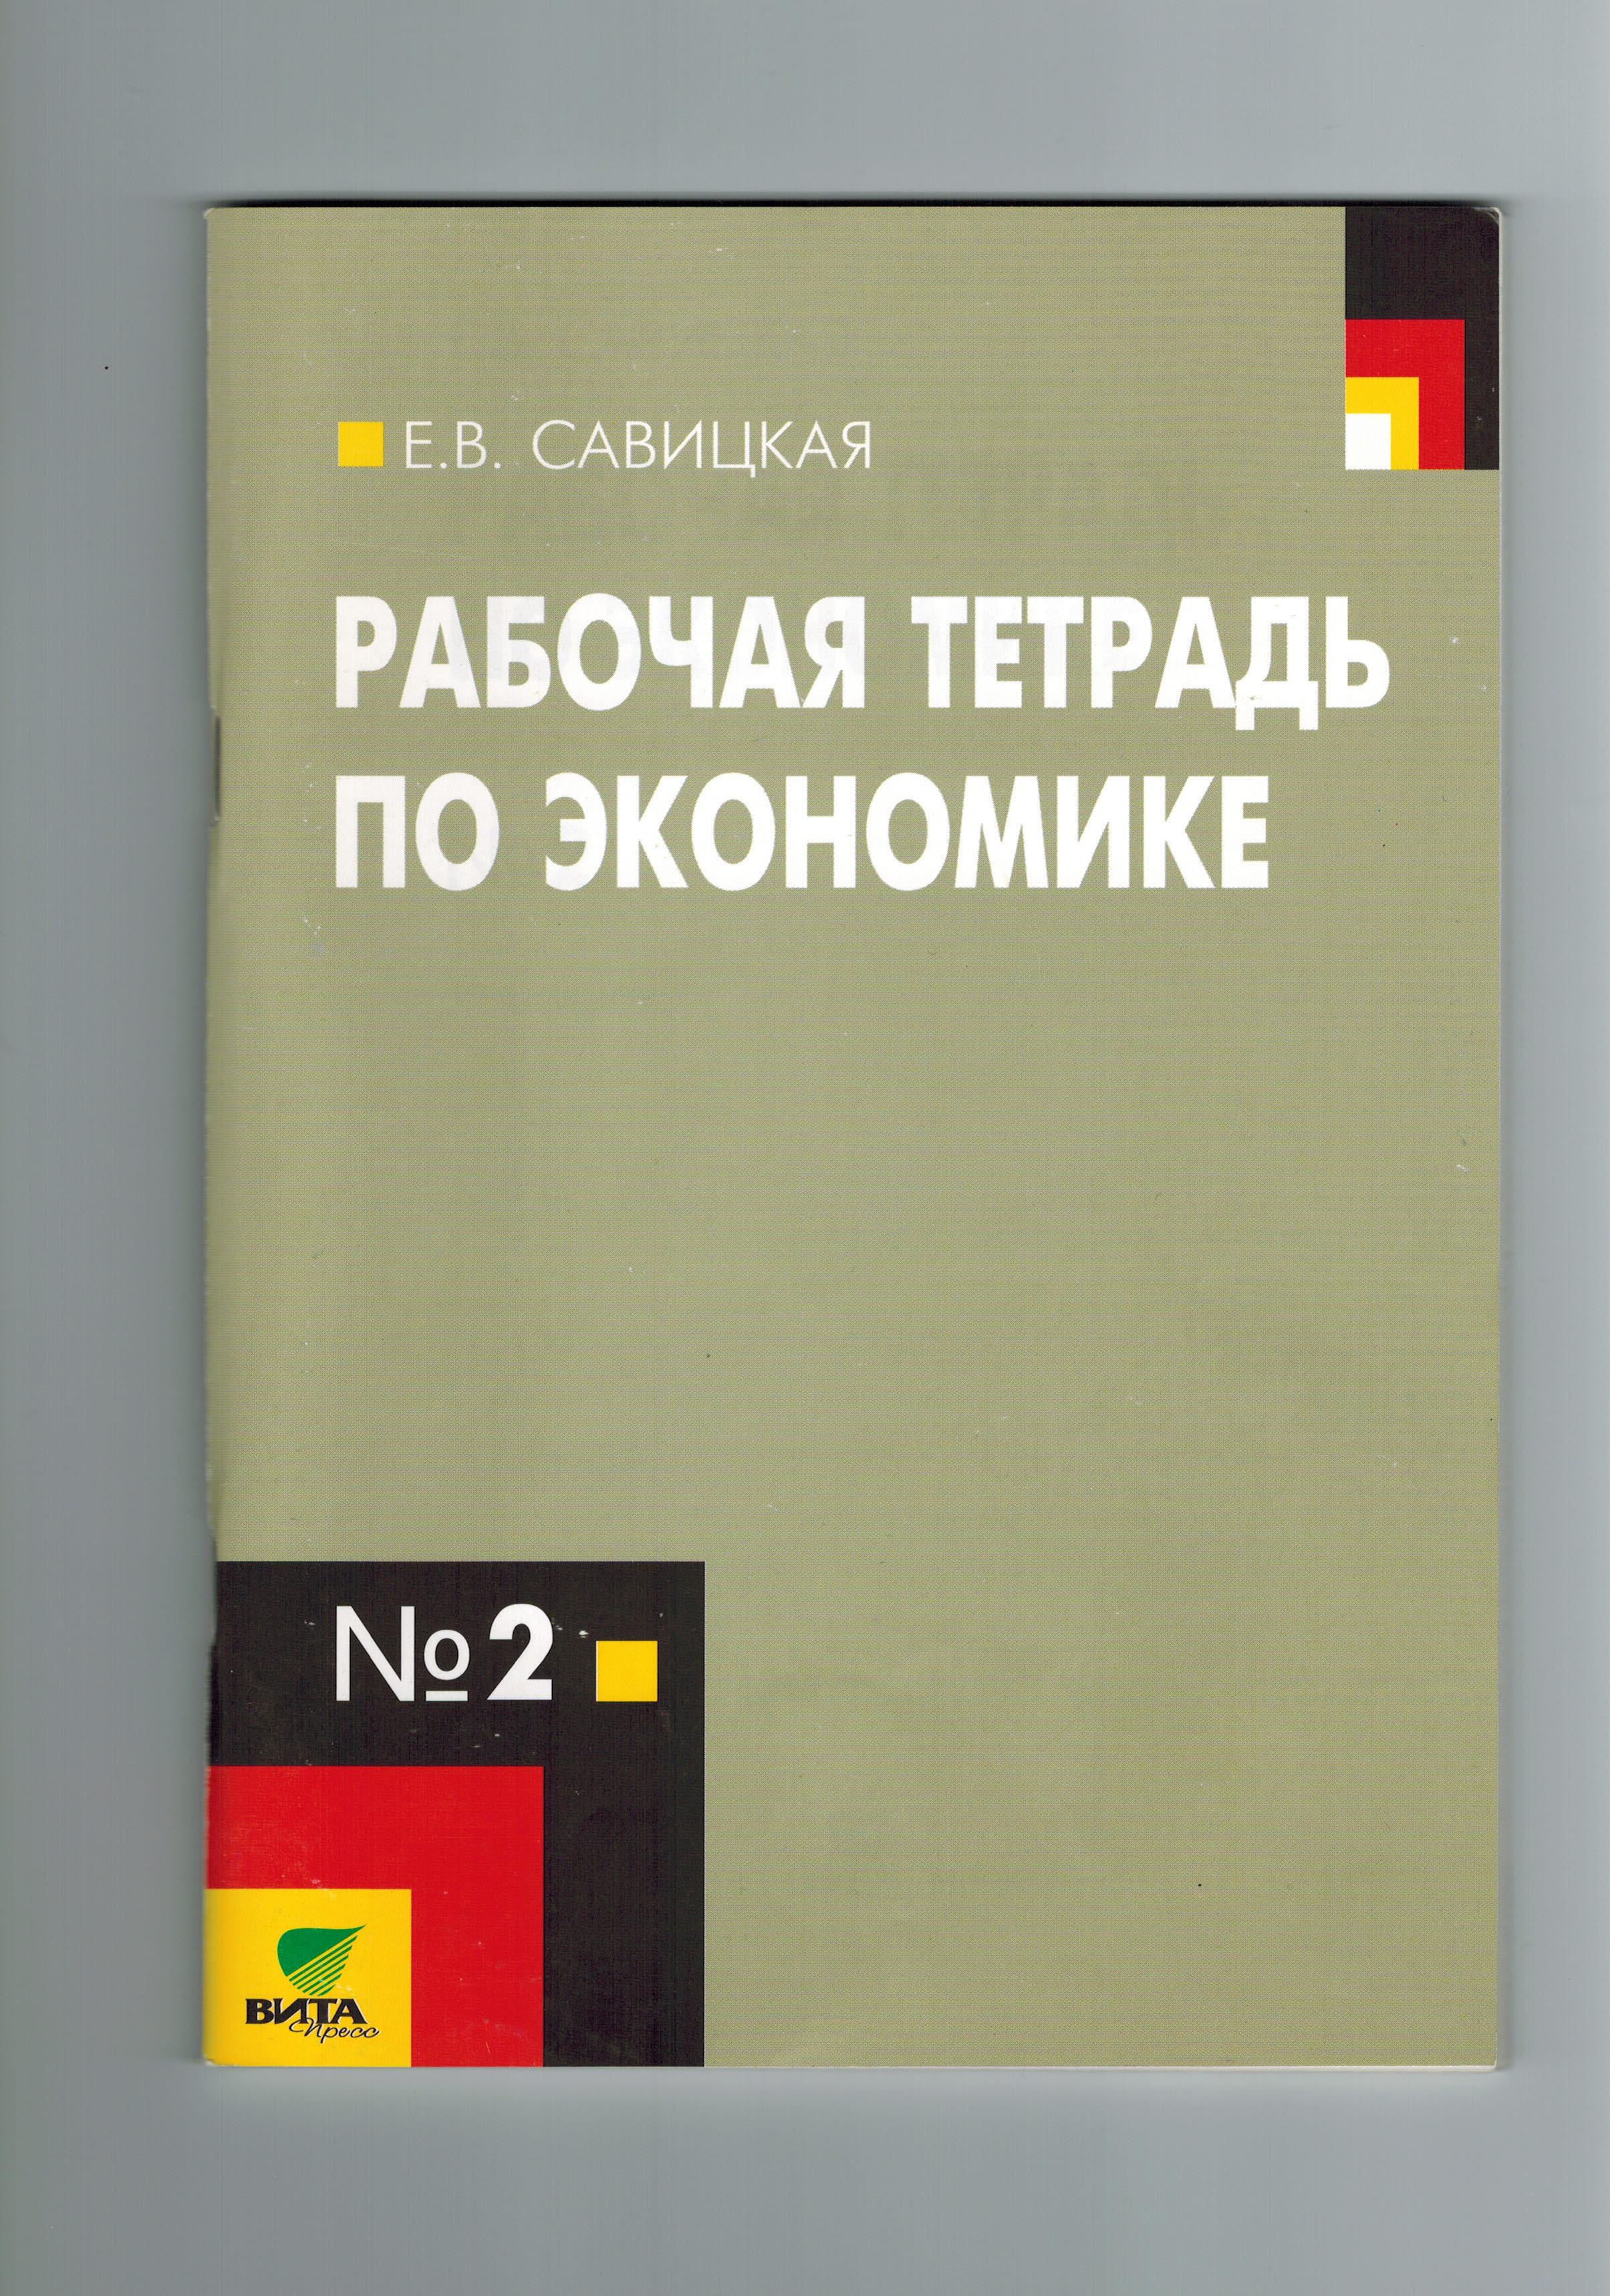 Рабочая тетрадь по экономике №2: Для 10-11 классов общеобразоват. учрежд.